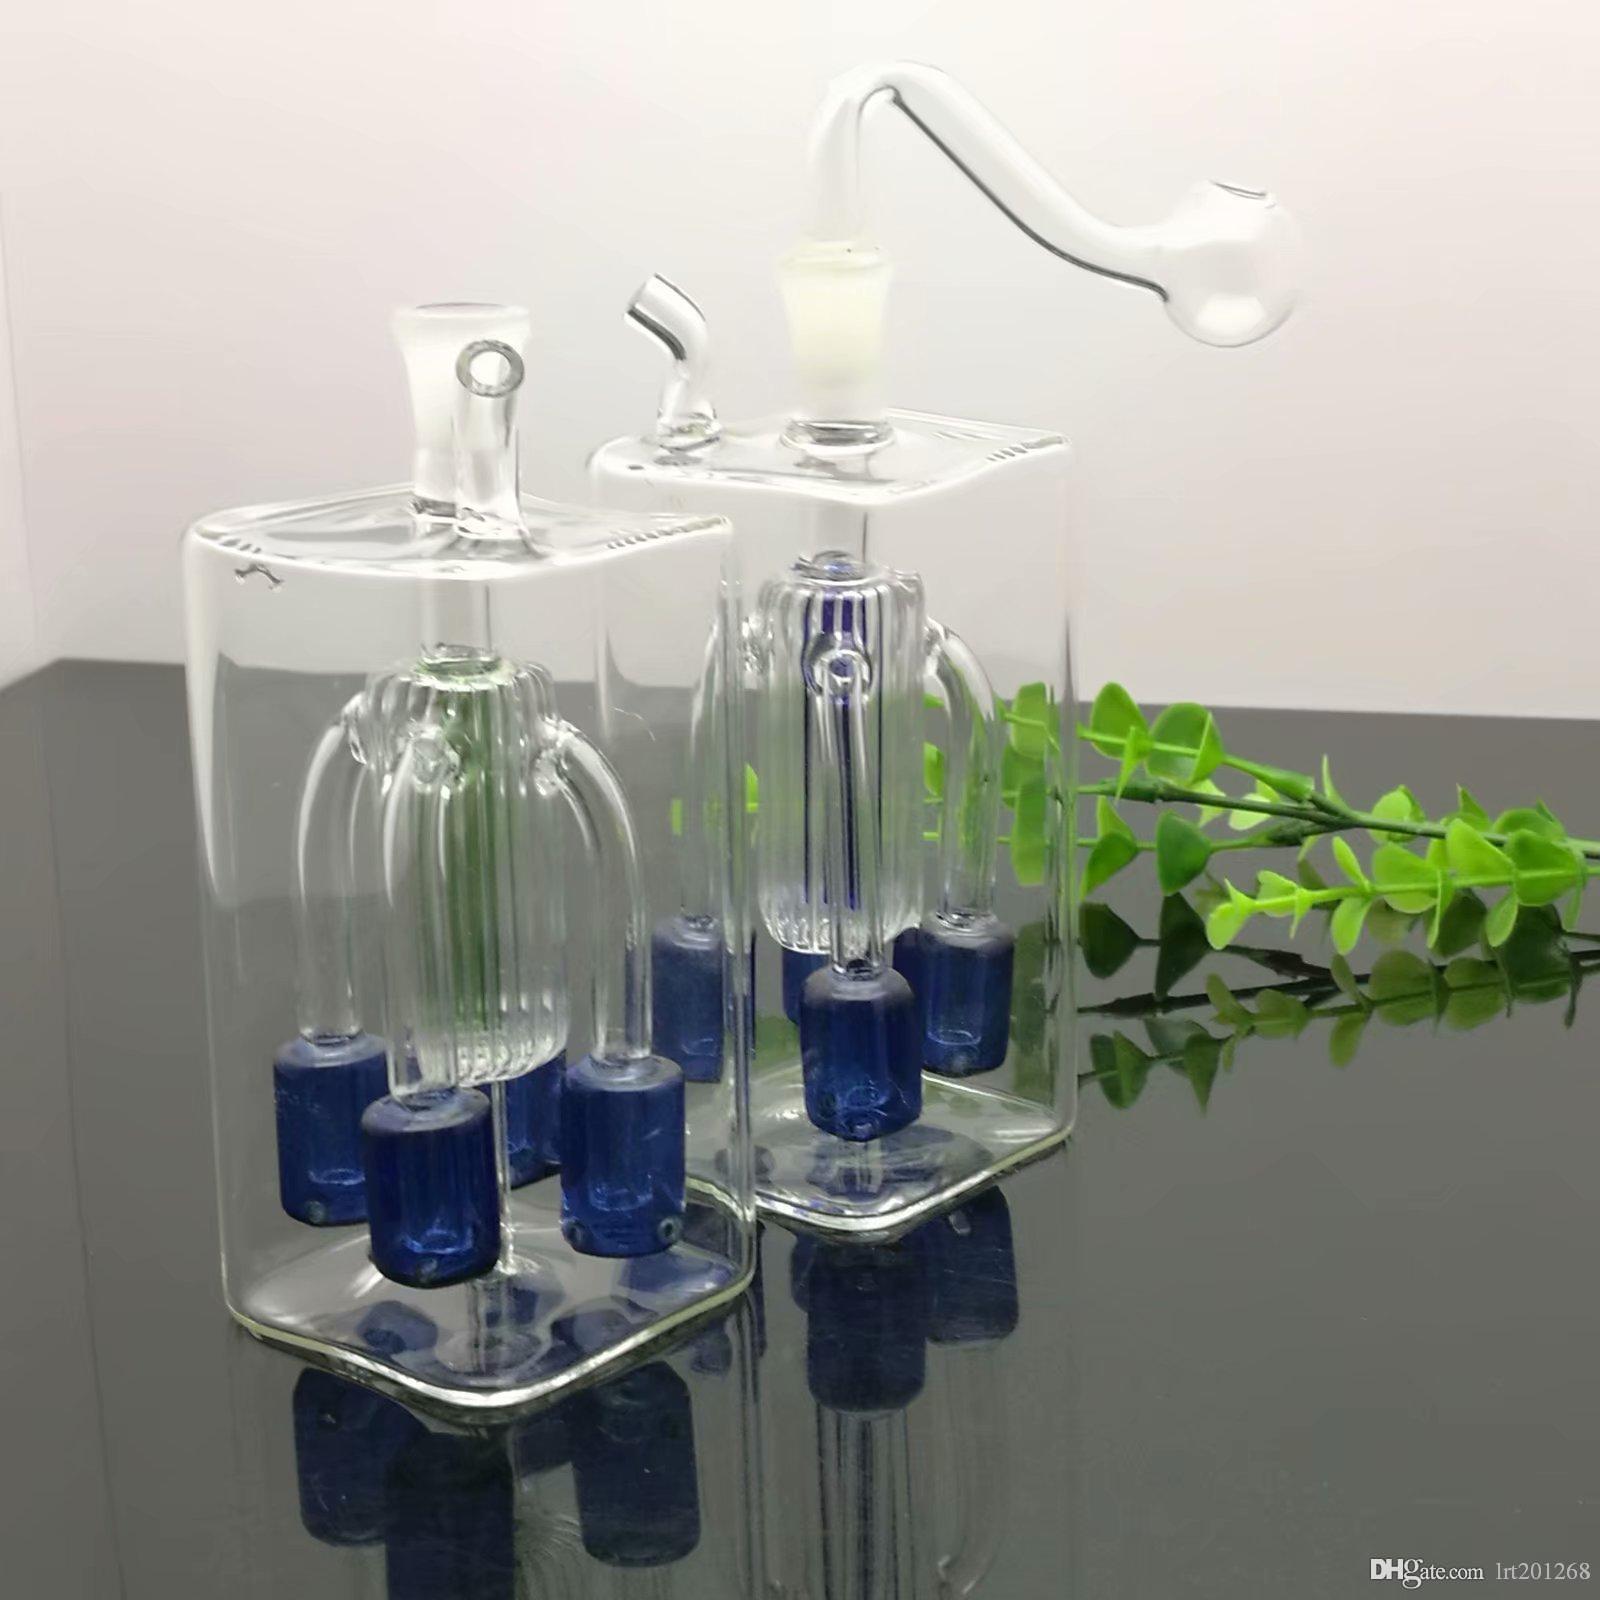 Quadrate-tubo de quatro garra cigarro filtro de vidro em silêncio chaleira de vidro Bongs Oil Burner Pipes tubulações de água plataformas petrolíferas fumadores frete grátis